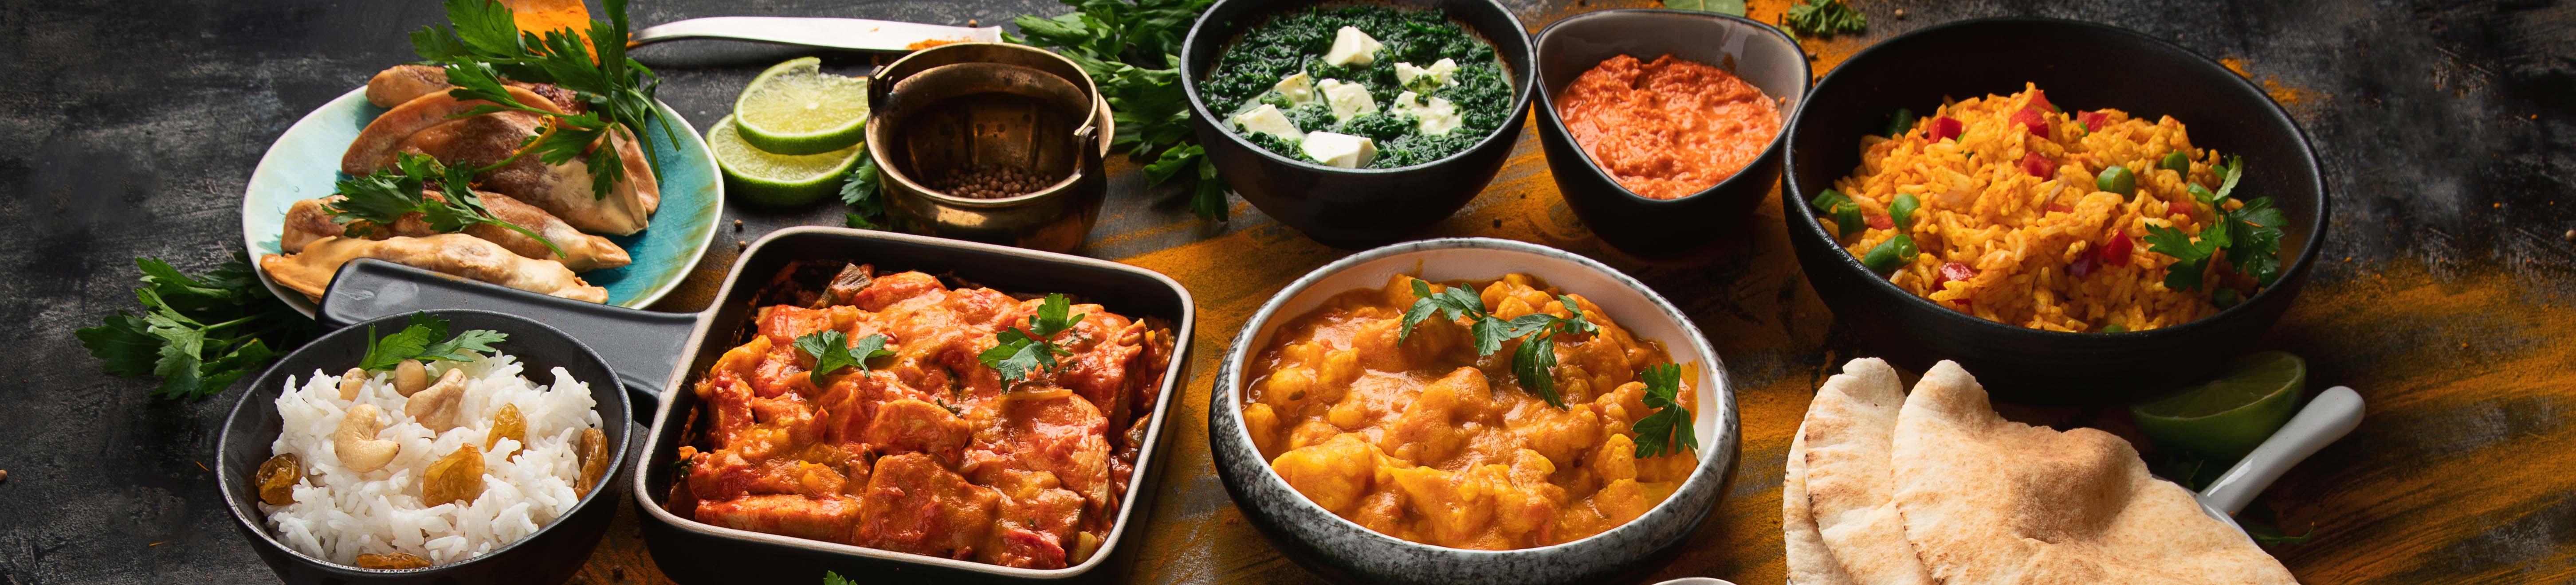 Tout savoir sur les spécialités de la cuisine indienne et quelle est la spécialité culinaire Inde la plus connue ?